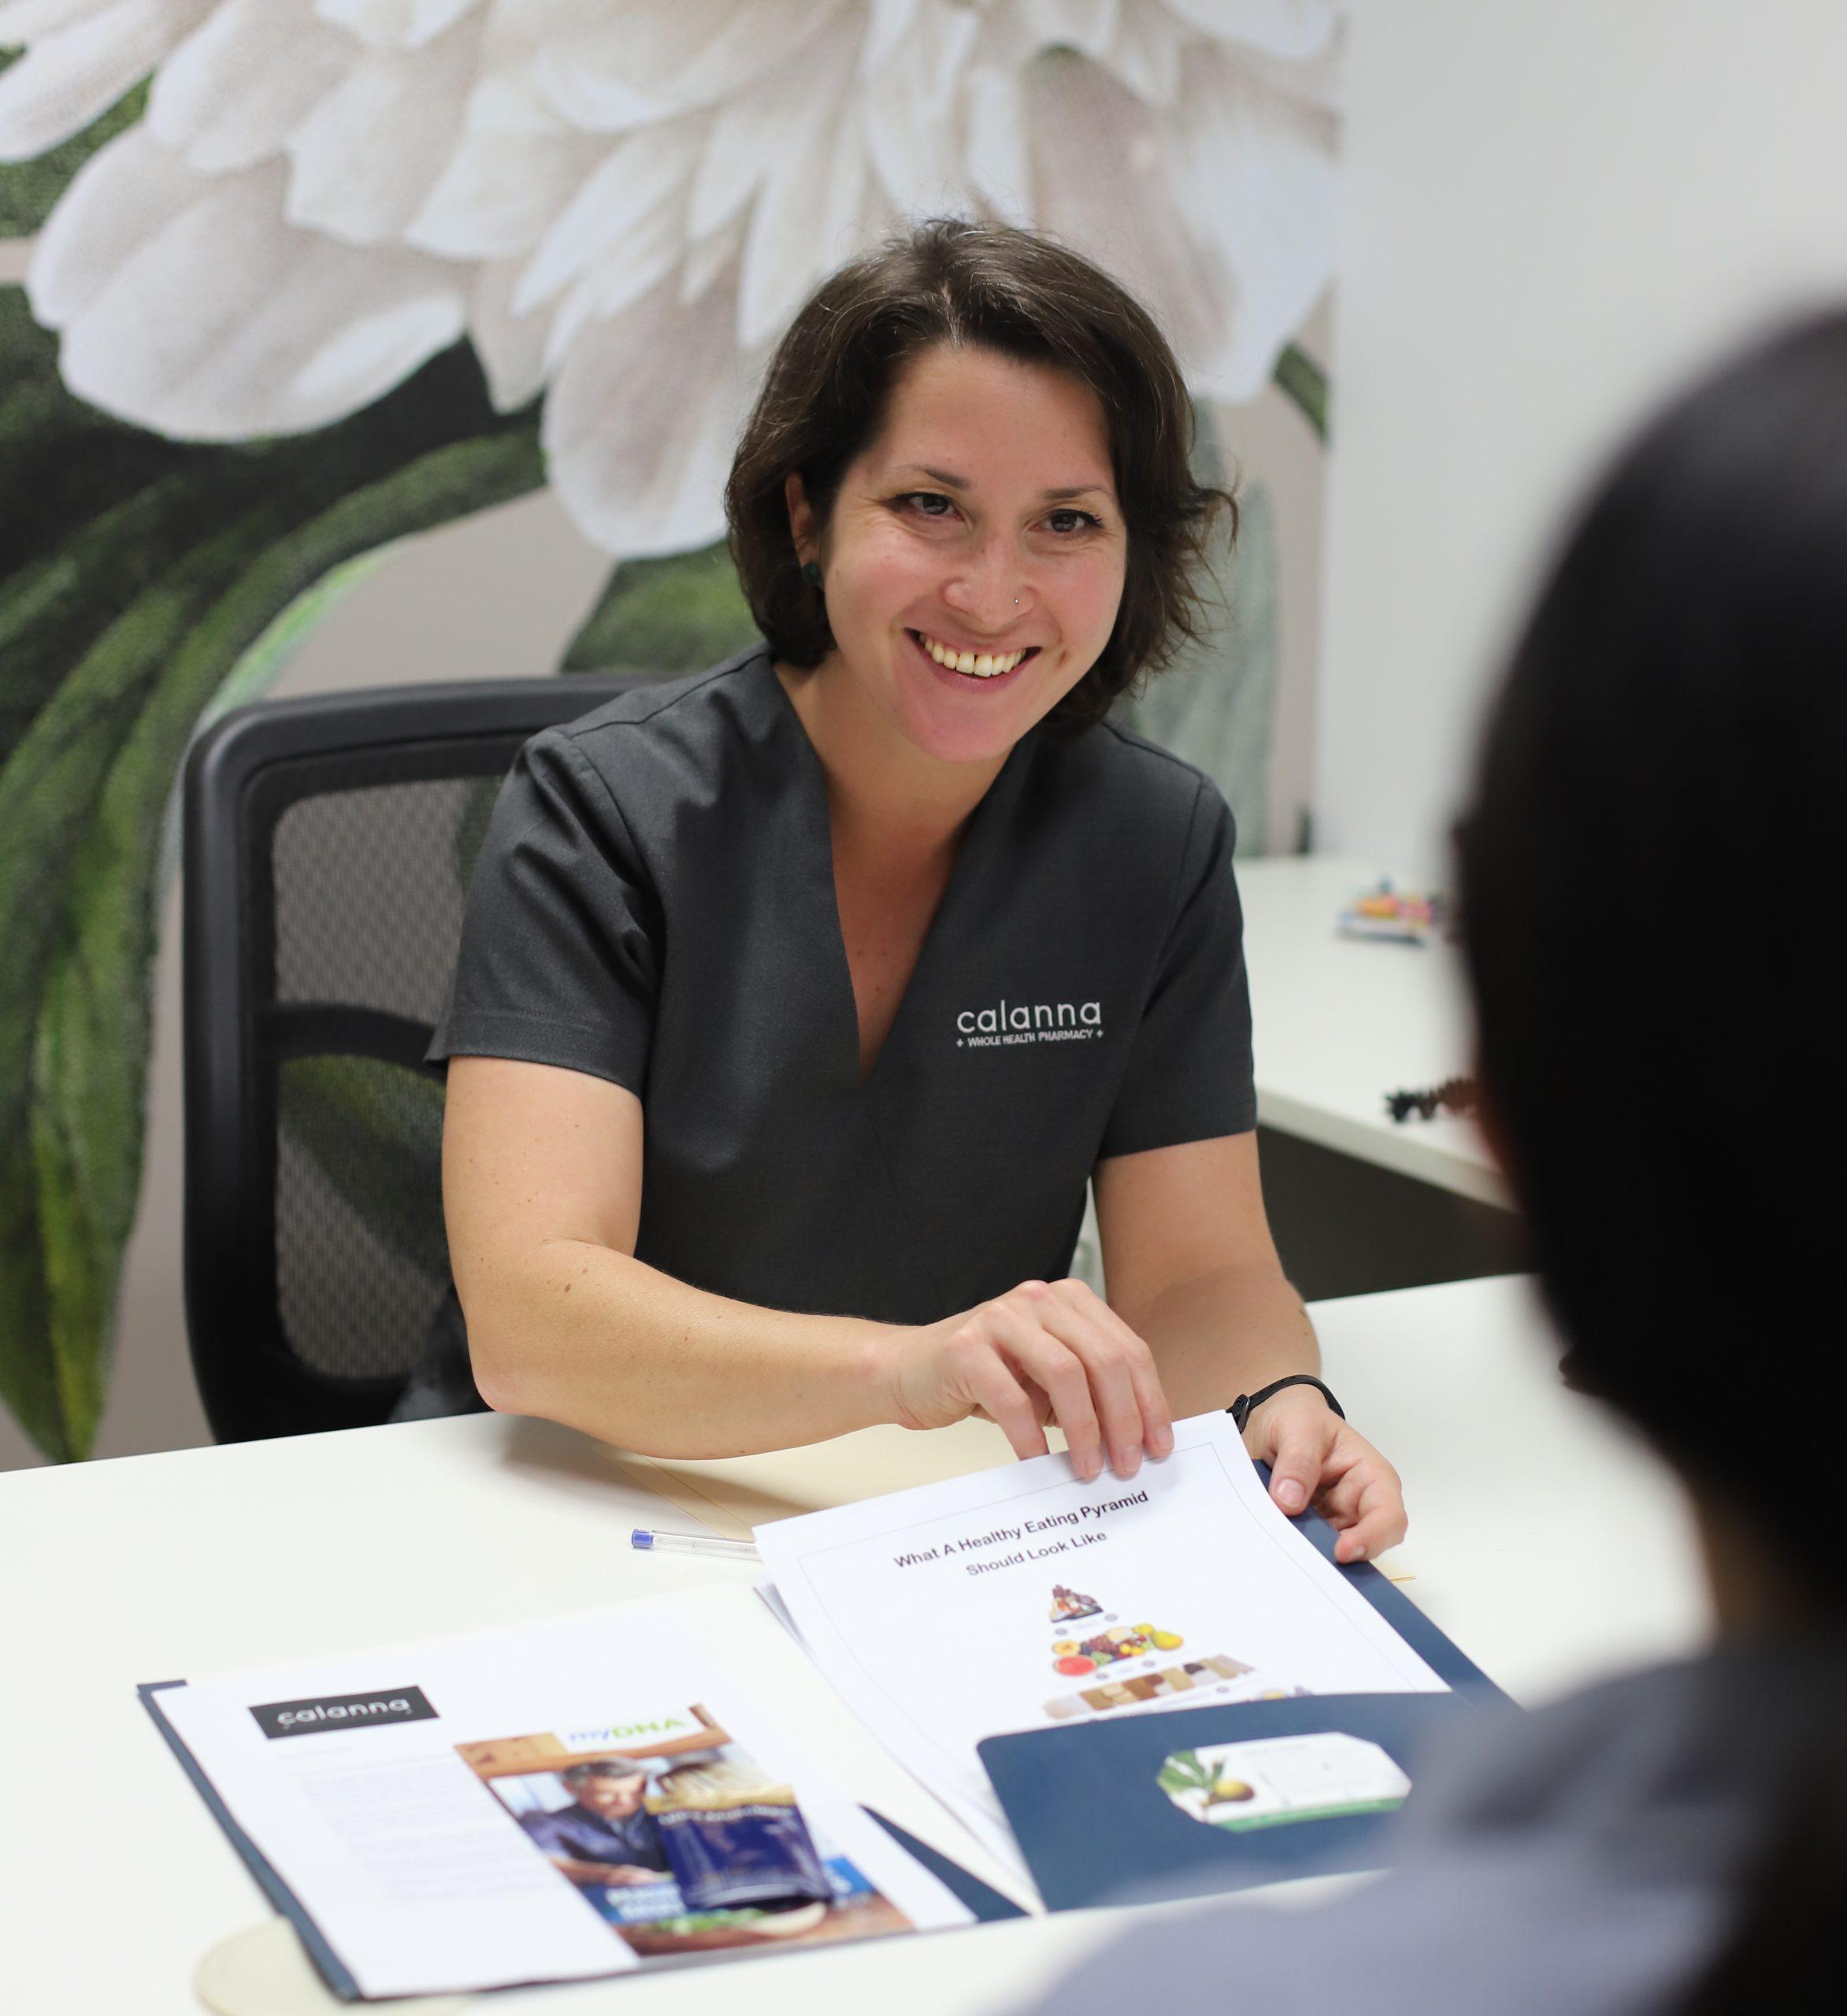 calanna pharmacy Jana_Naturopathy client smile